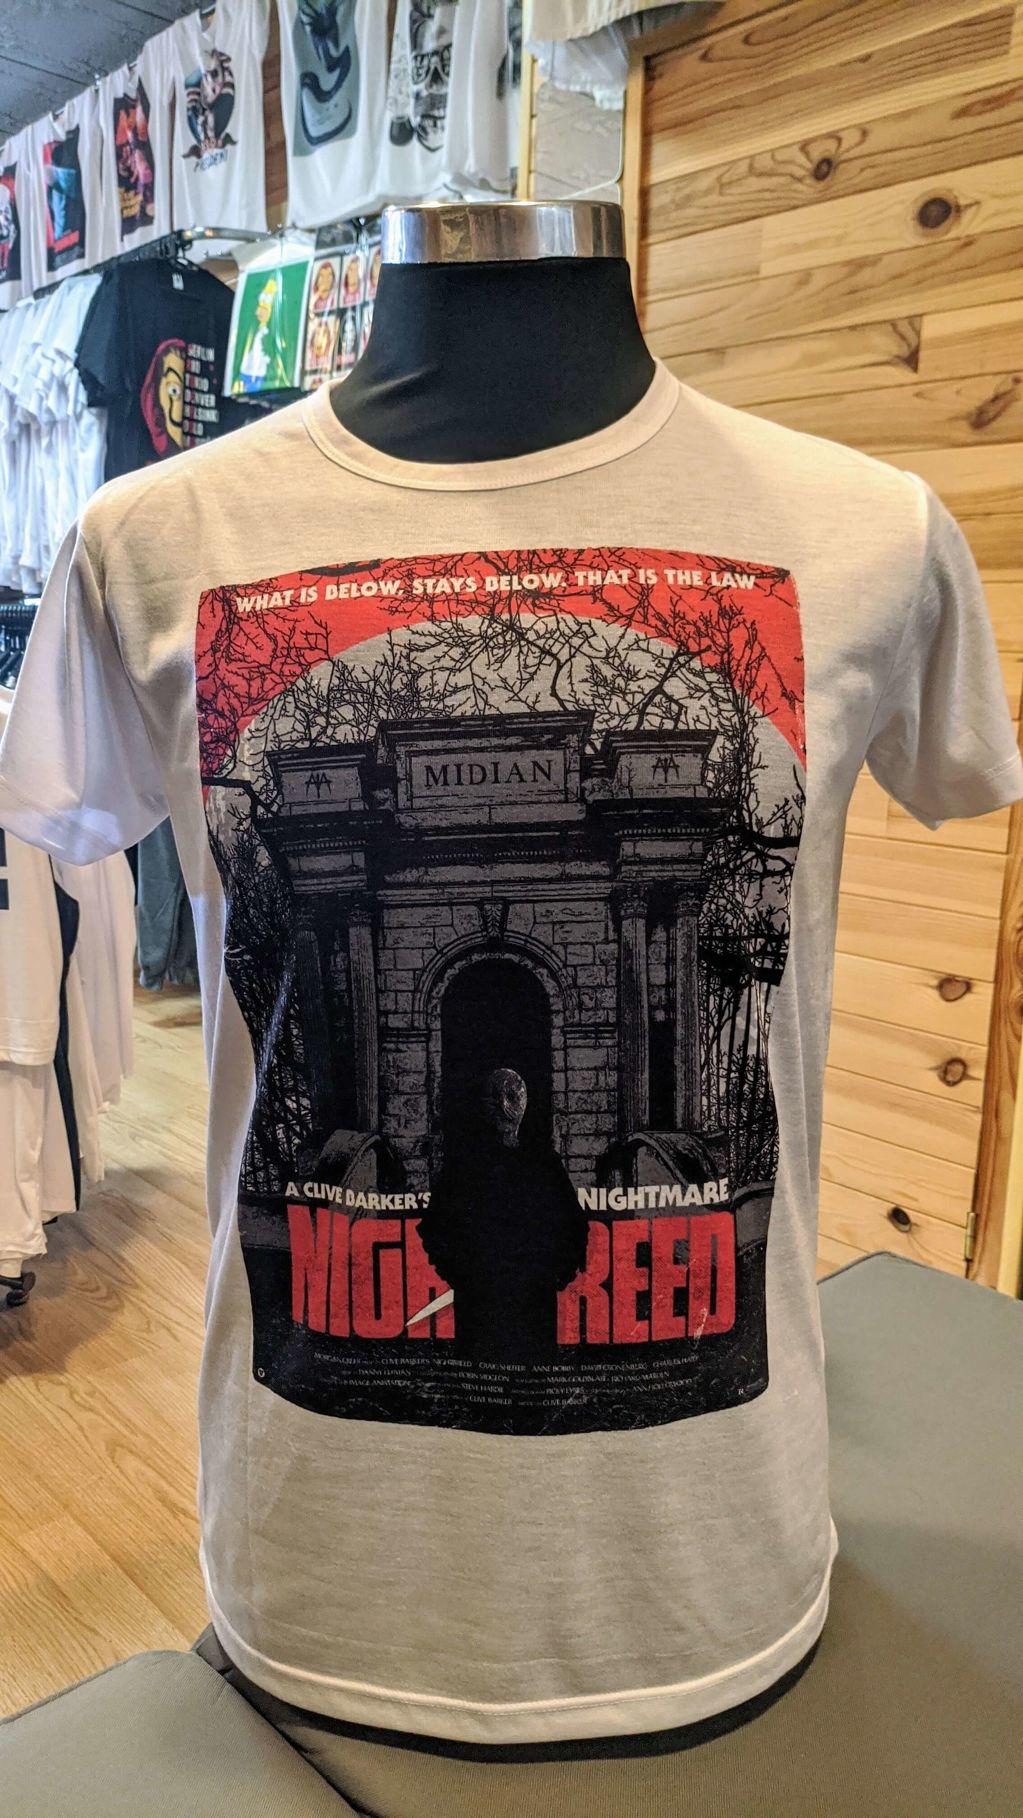 Nightbreed - 5f9c3-camiseta-nightbreed-2.jpg